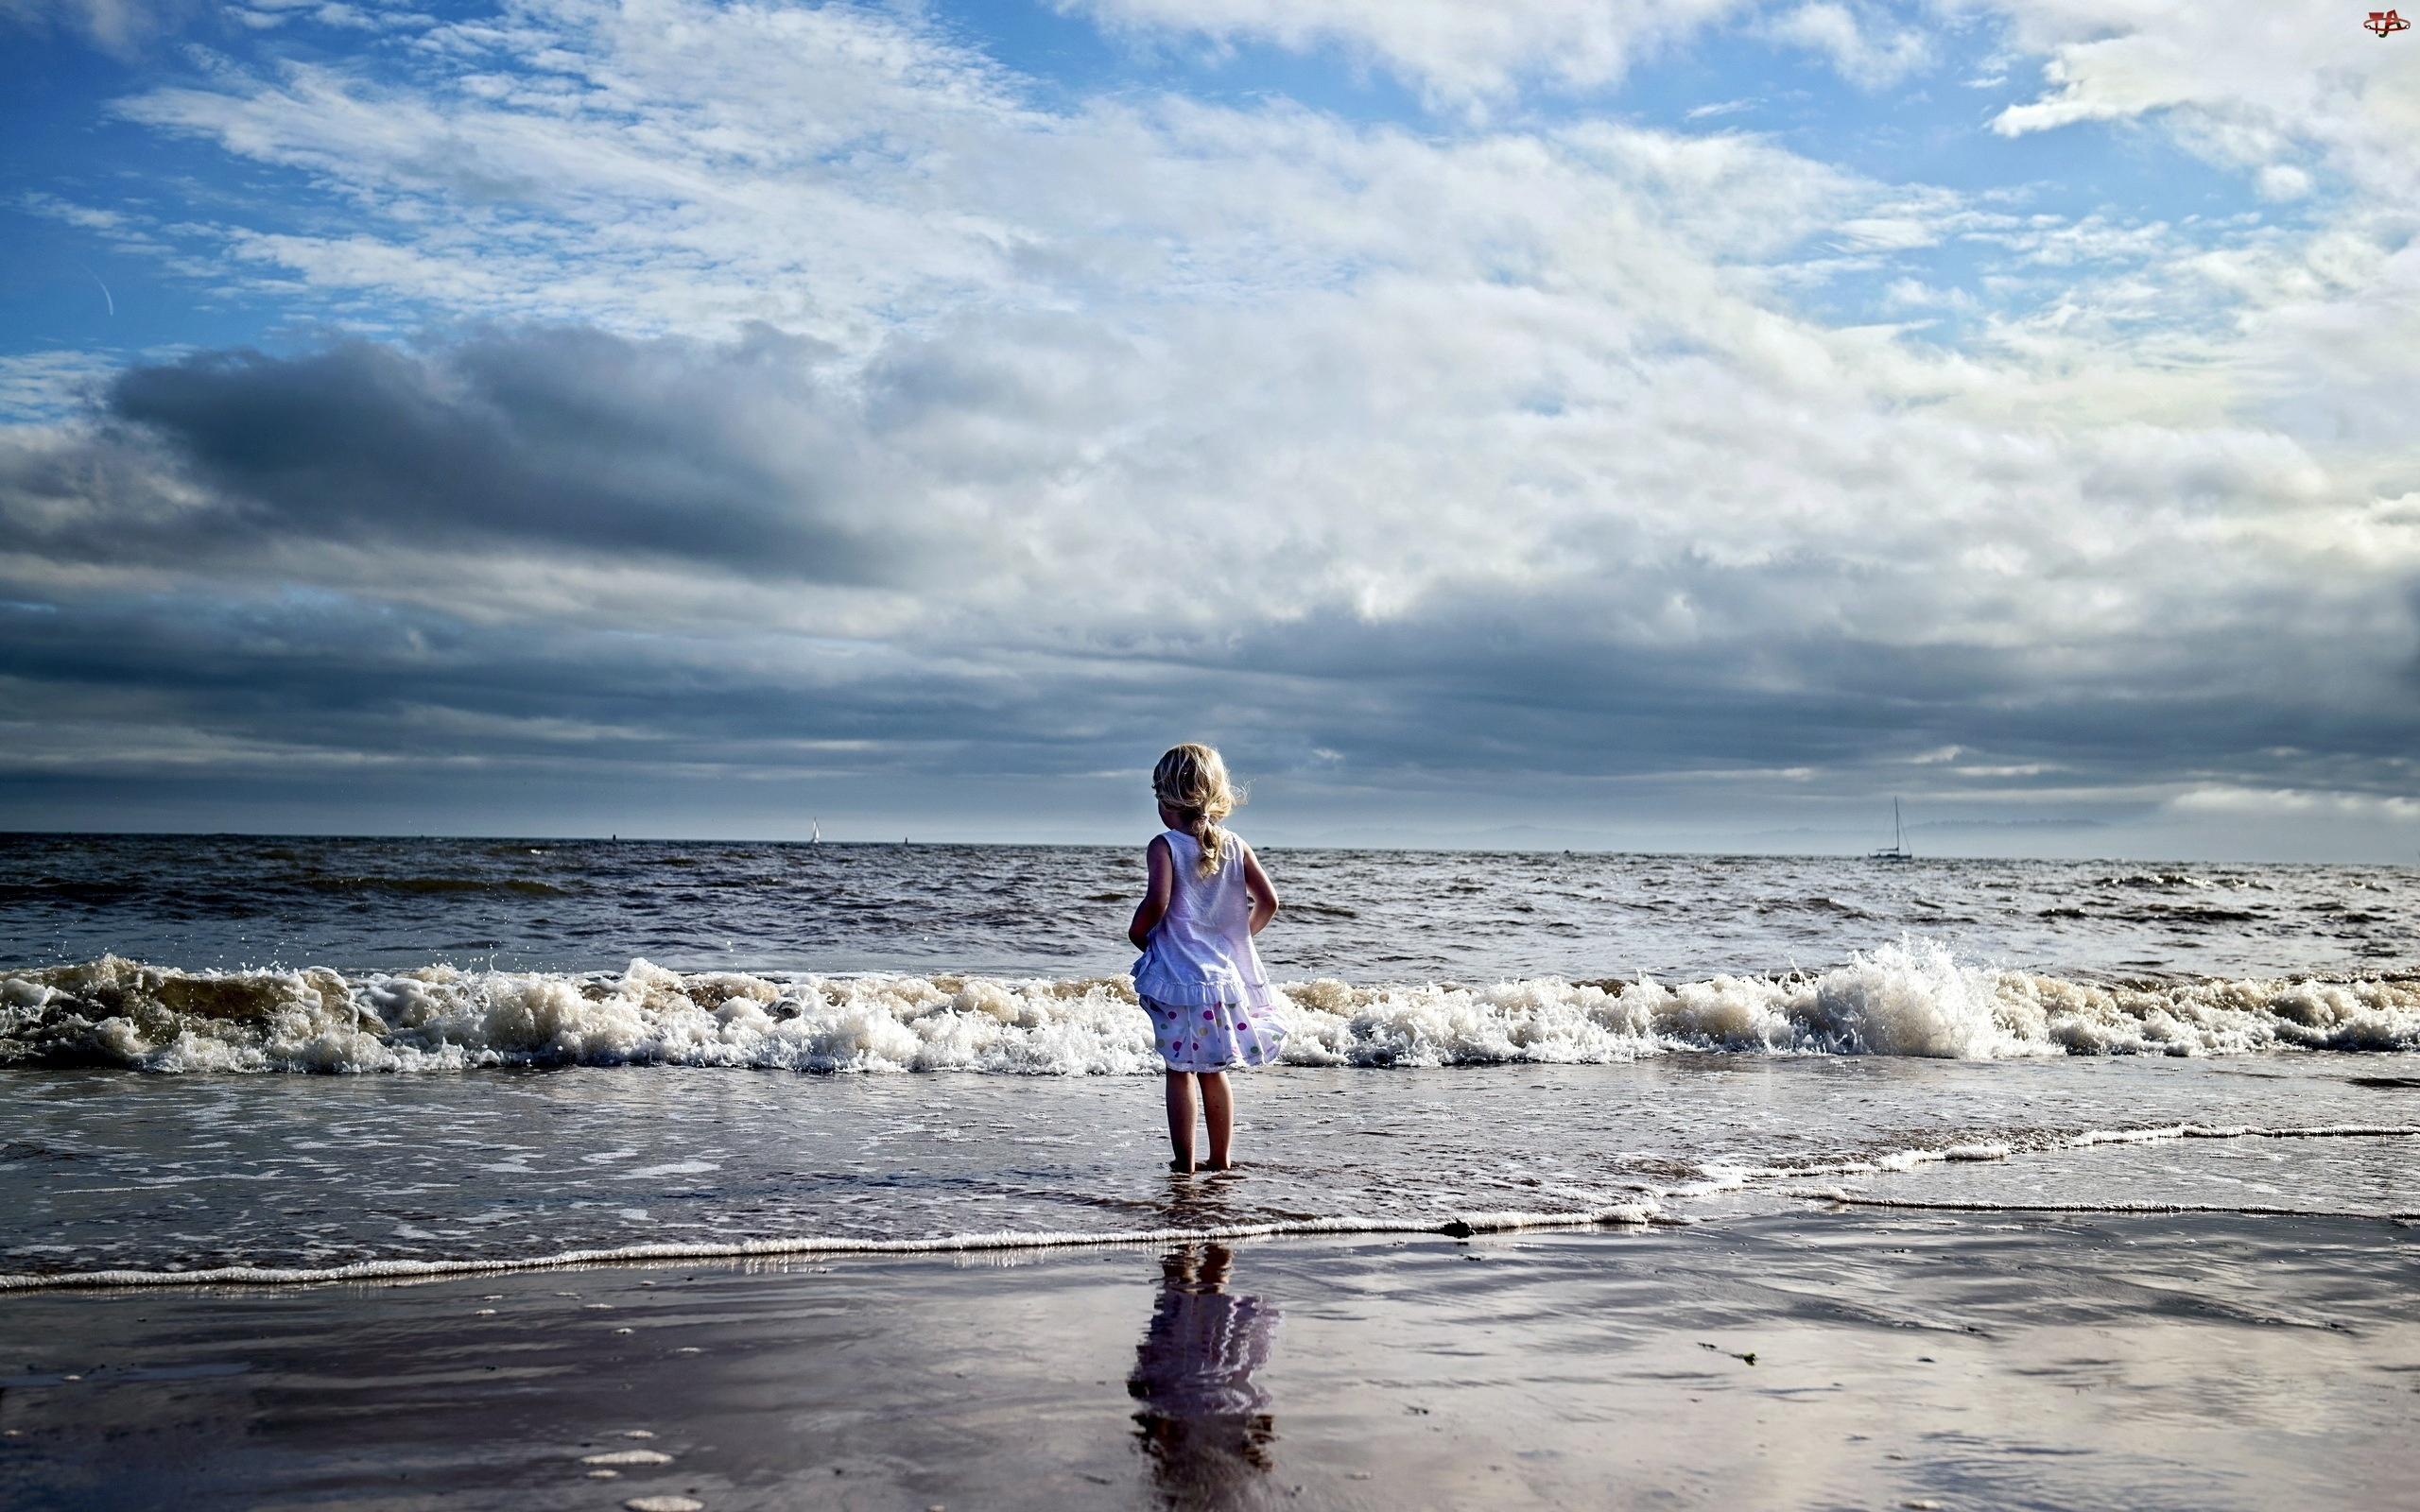 Dziewczynka, Chmury, Morze, Plaża